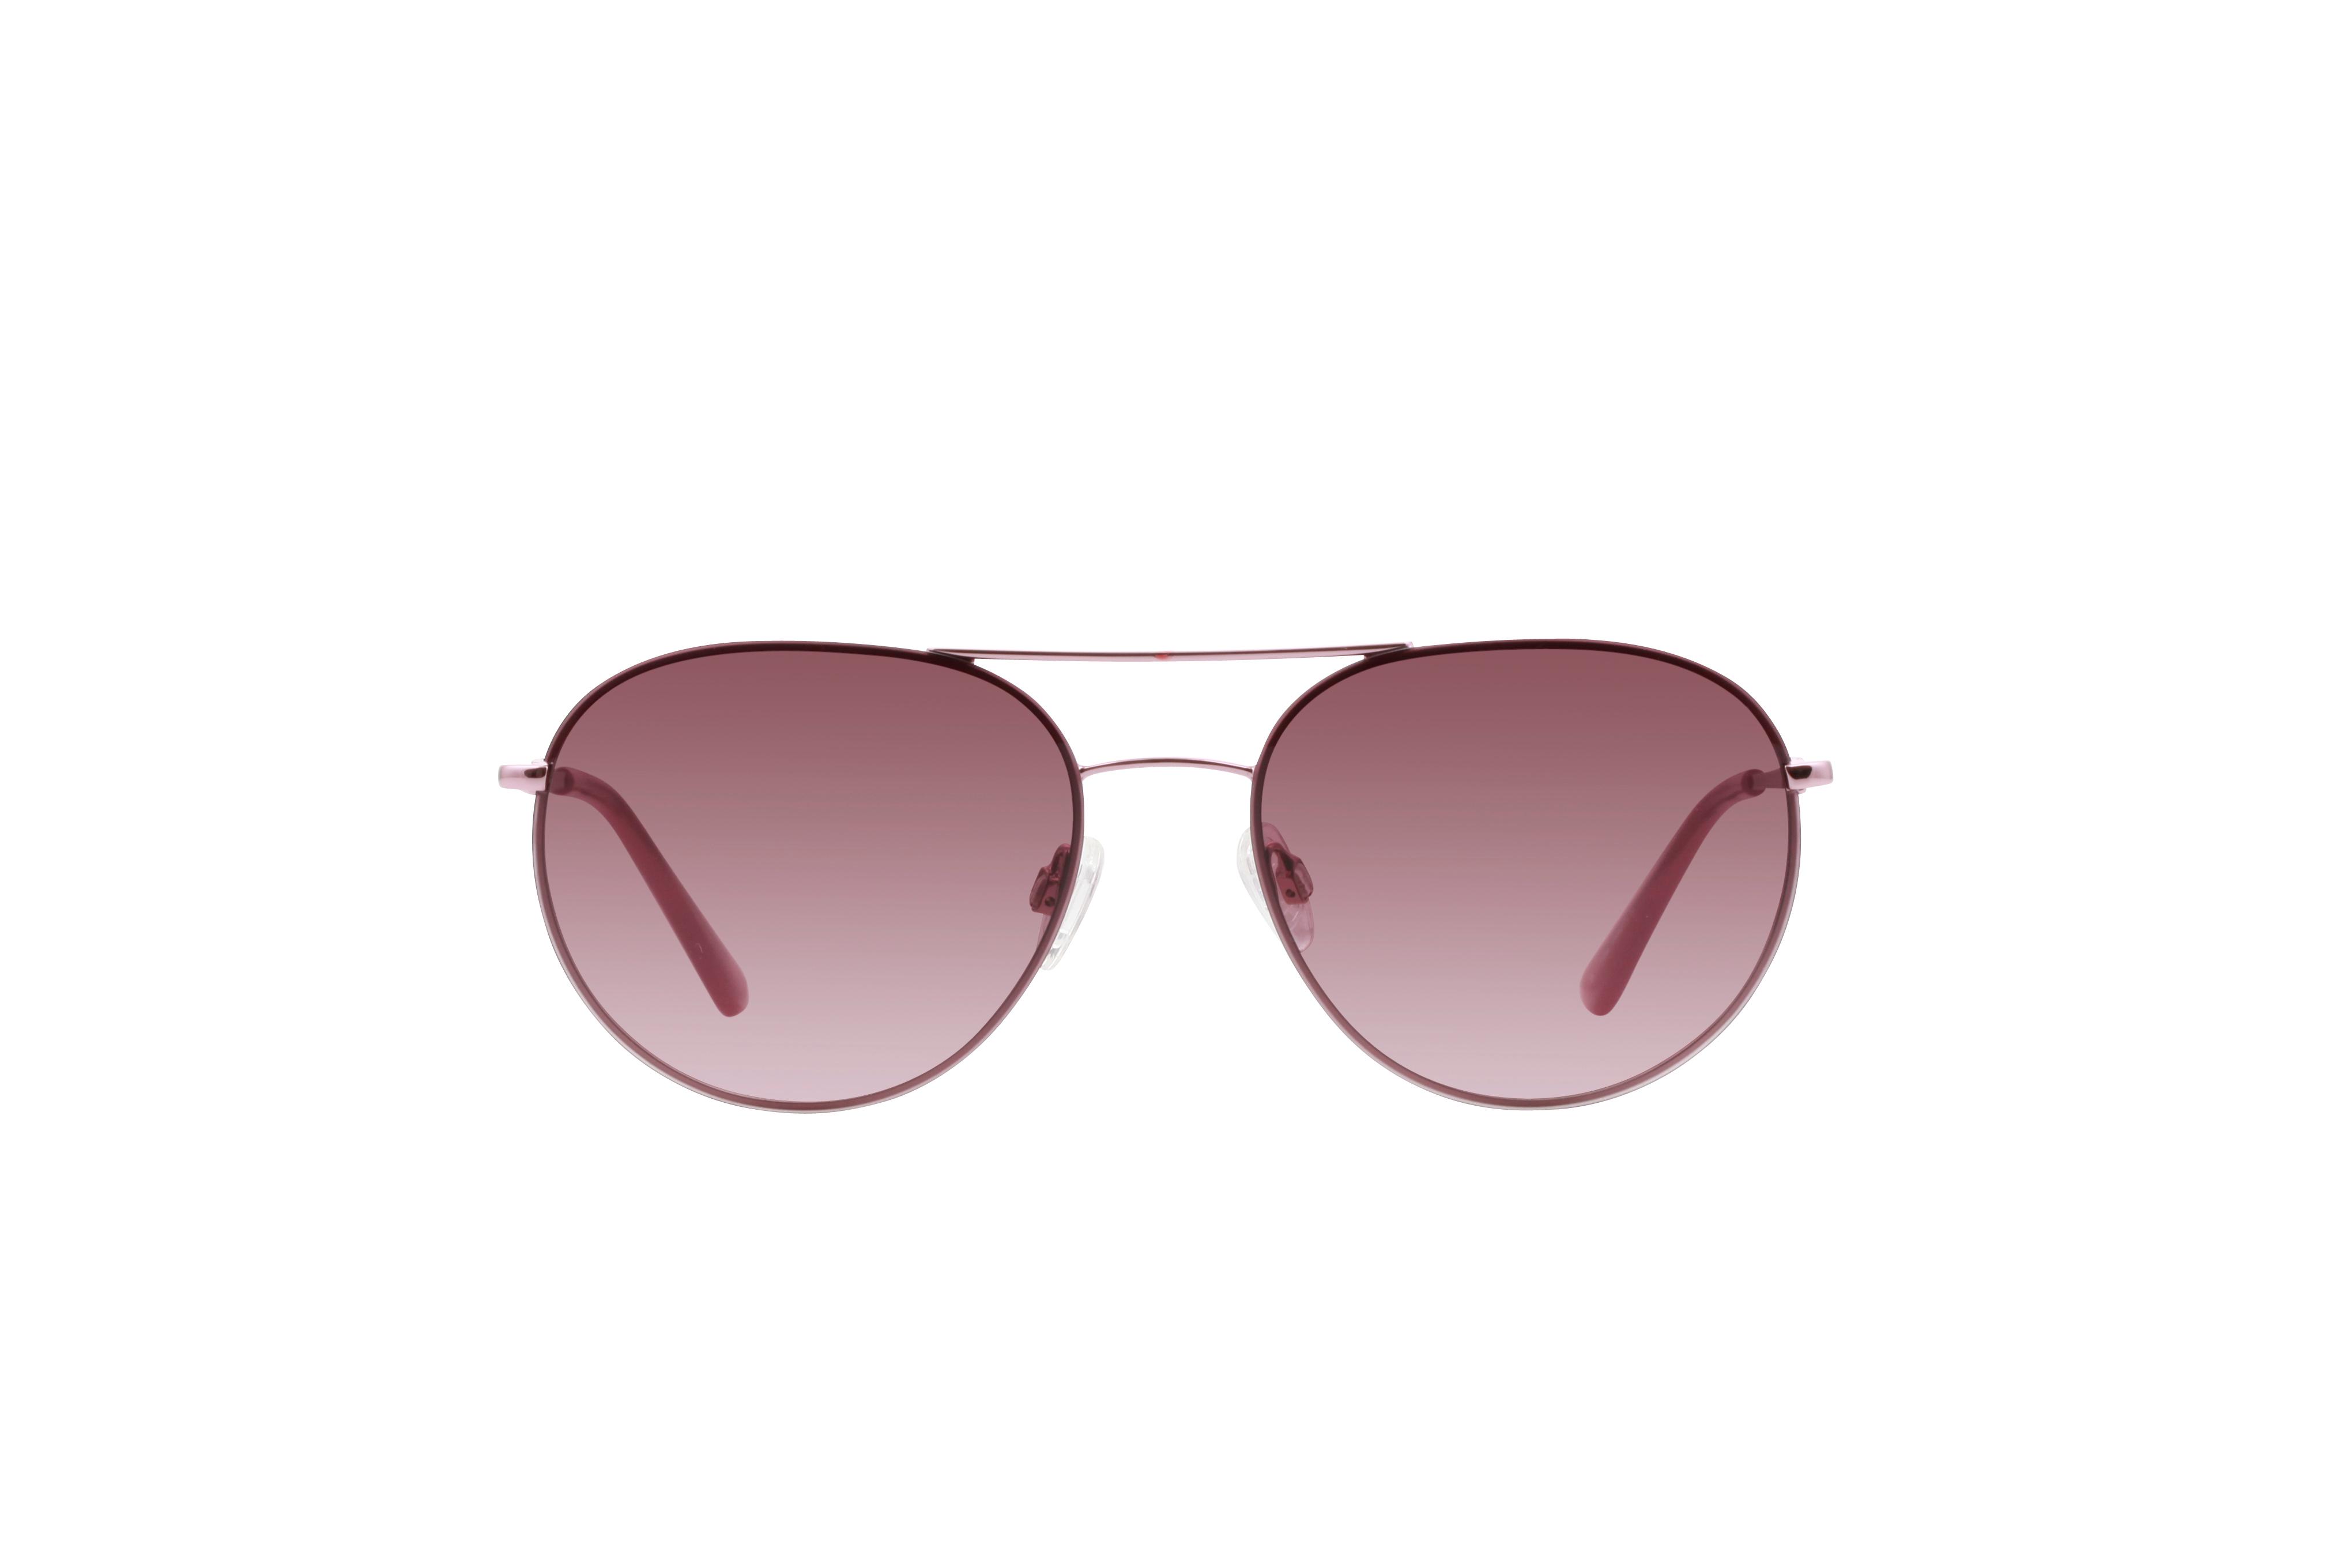 Front Esprit Esprit 39096 515 56/17 Roze/Roze